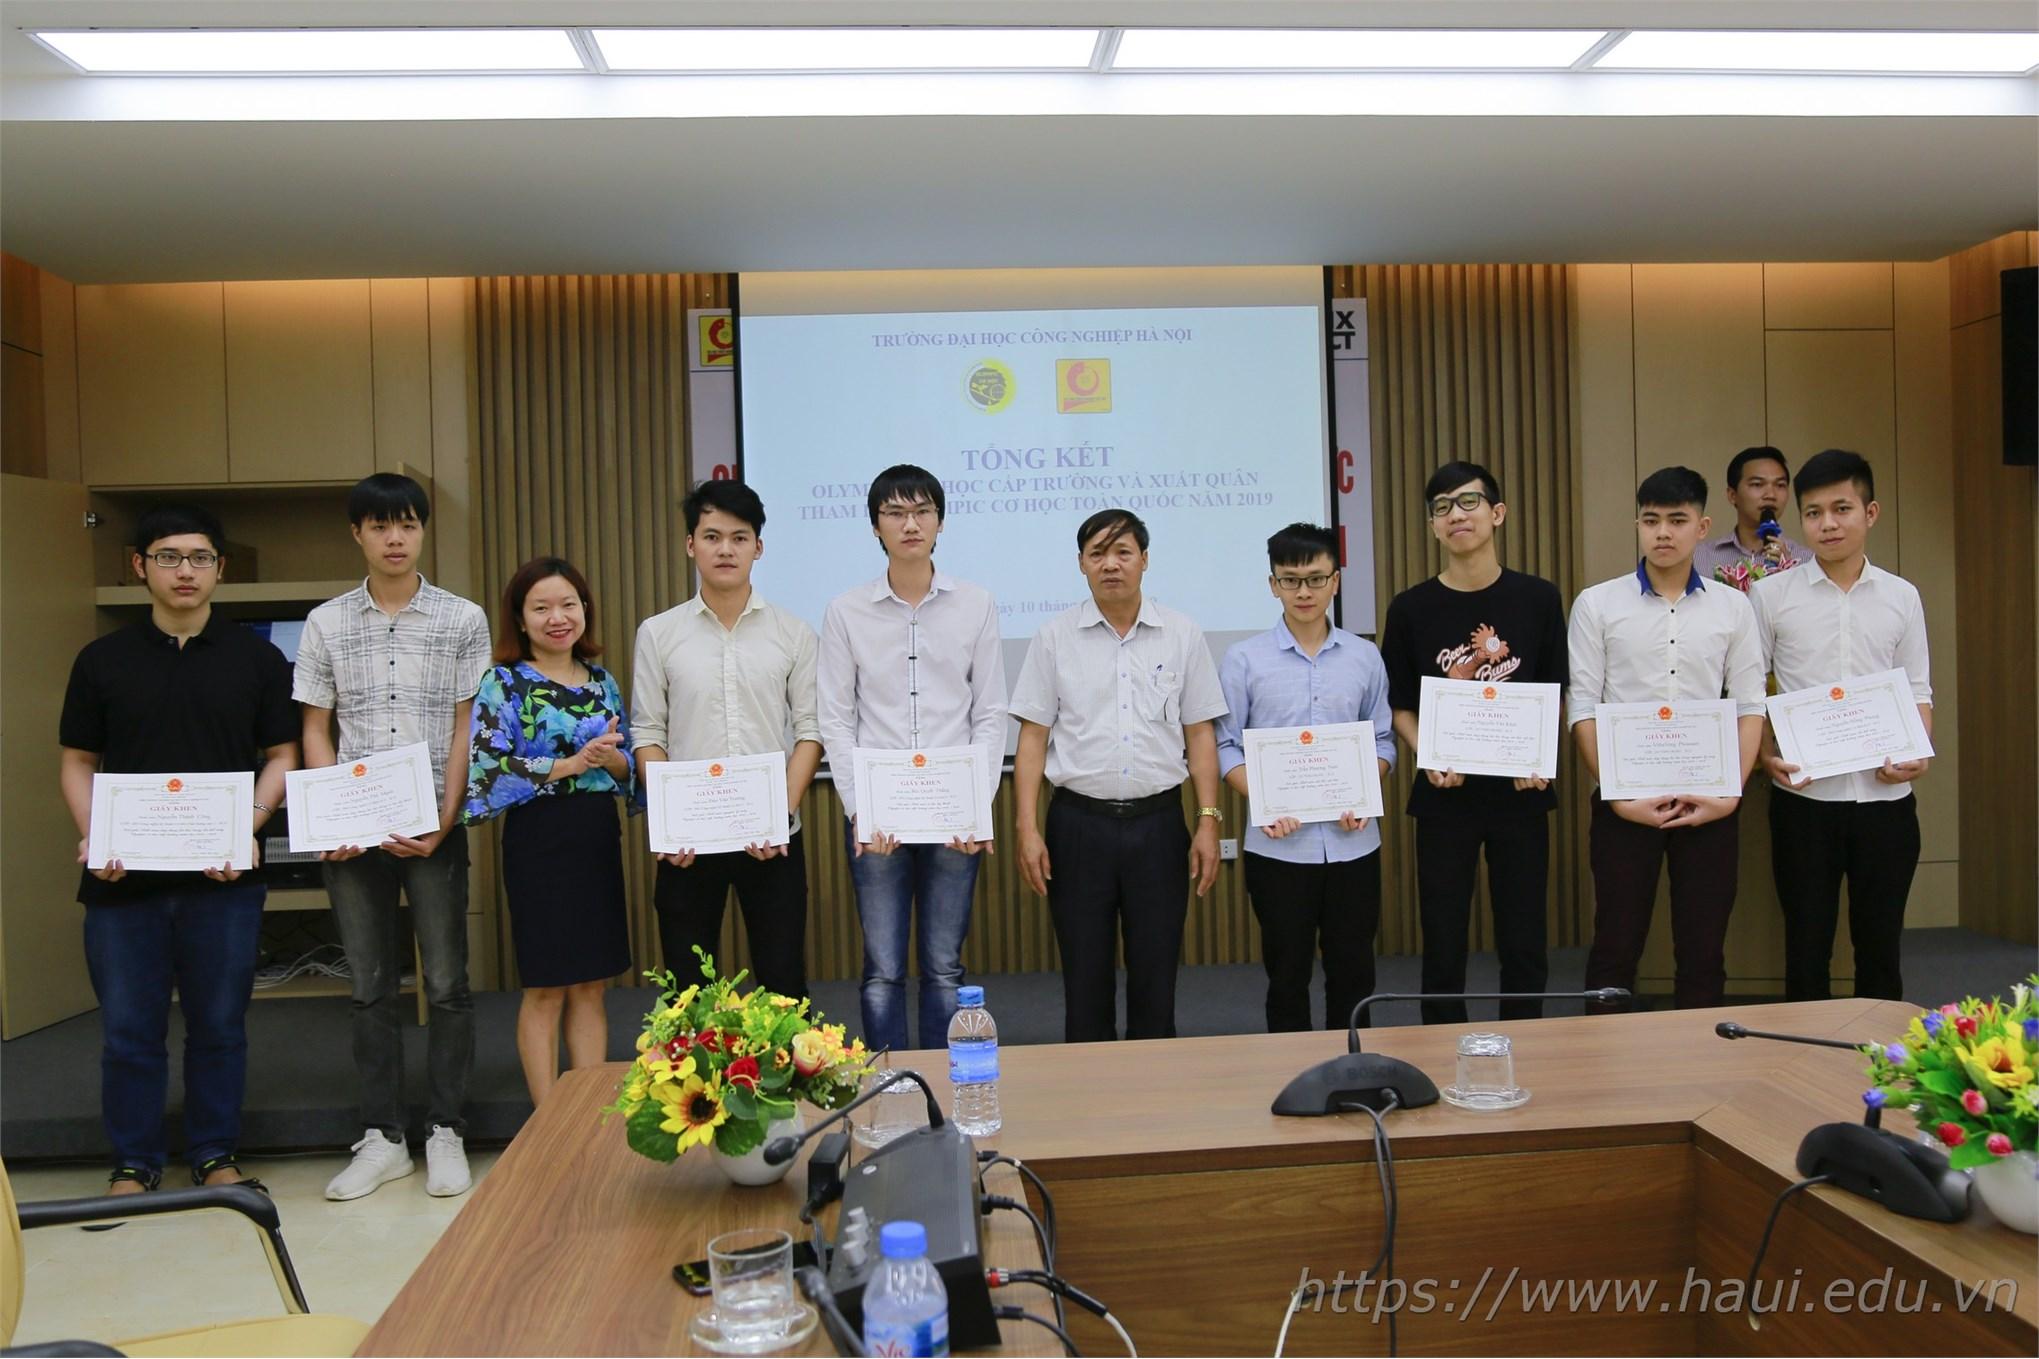 Tổng kết thi Olympic Cơ học cấp trường và xuất quân tham dự Olympic Cơ học toàn quốc năm 2019